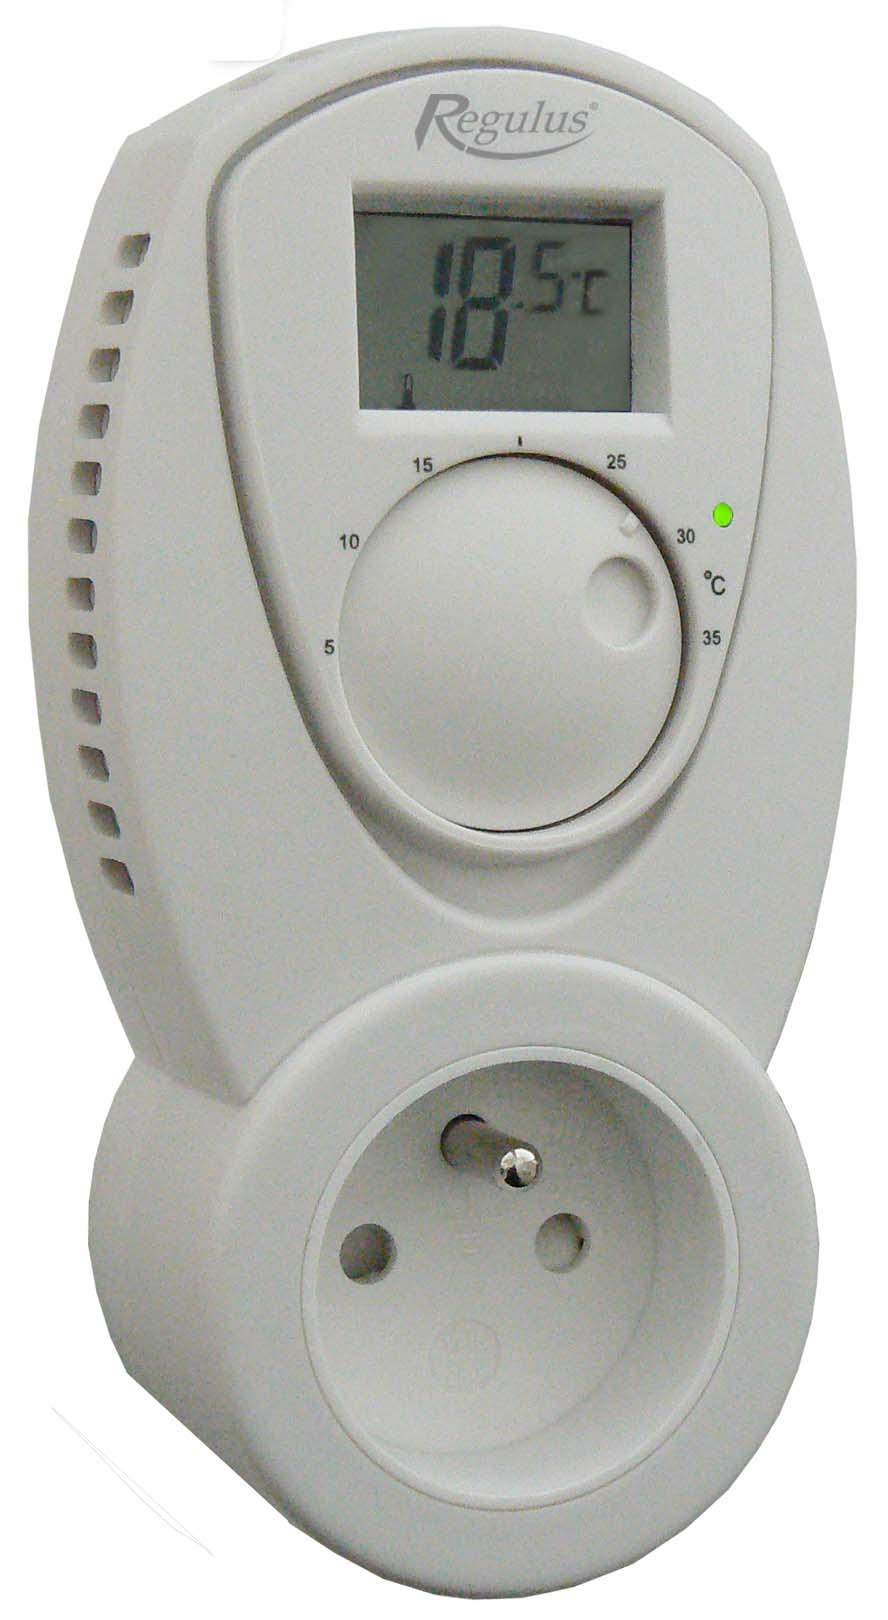 TZ 33 - Regulus Pokojový zásuvkový termostat s LCD displejem (teploměr